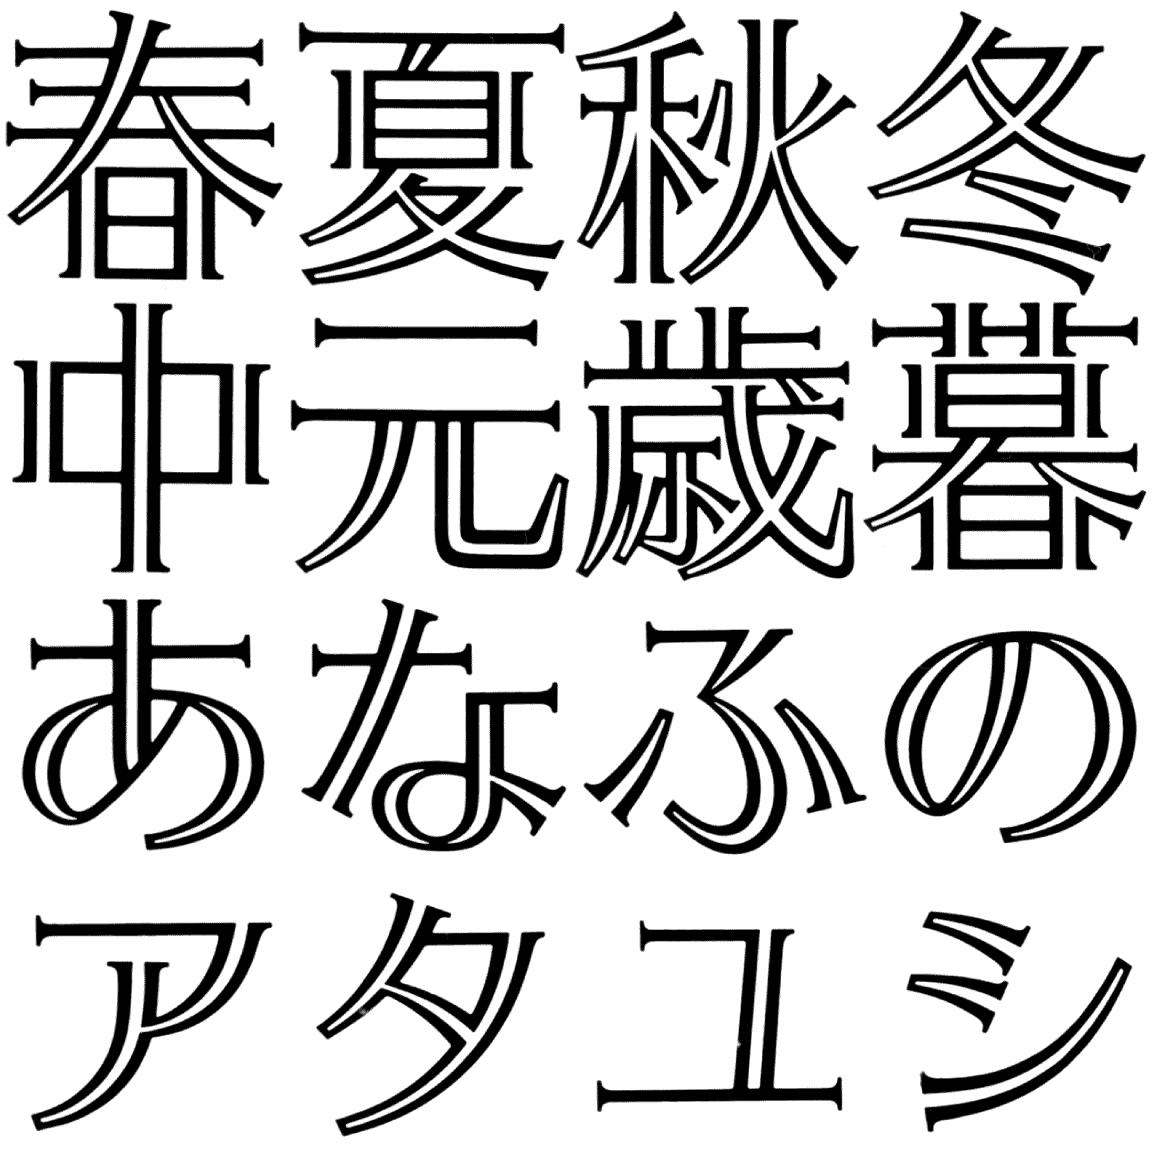 スズラン・メディウム TB-01 字形見本